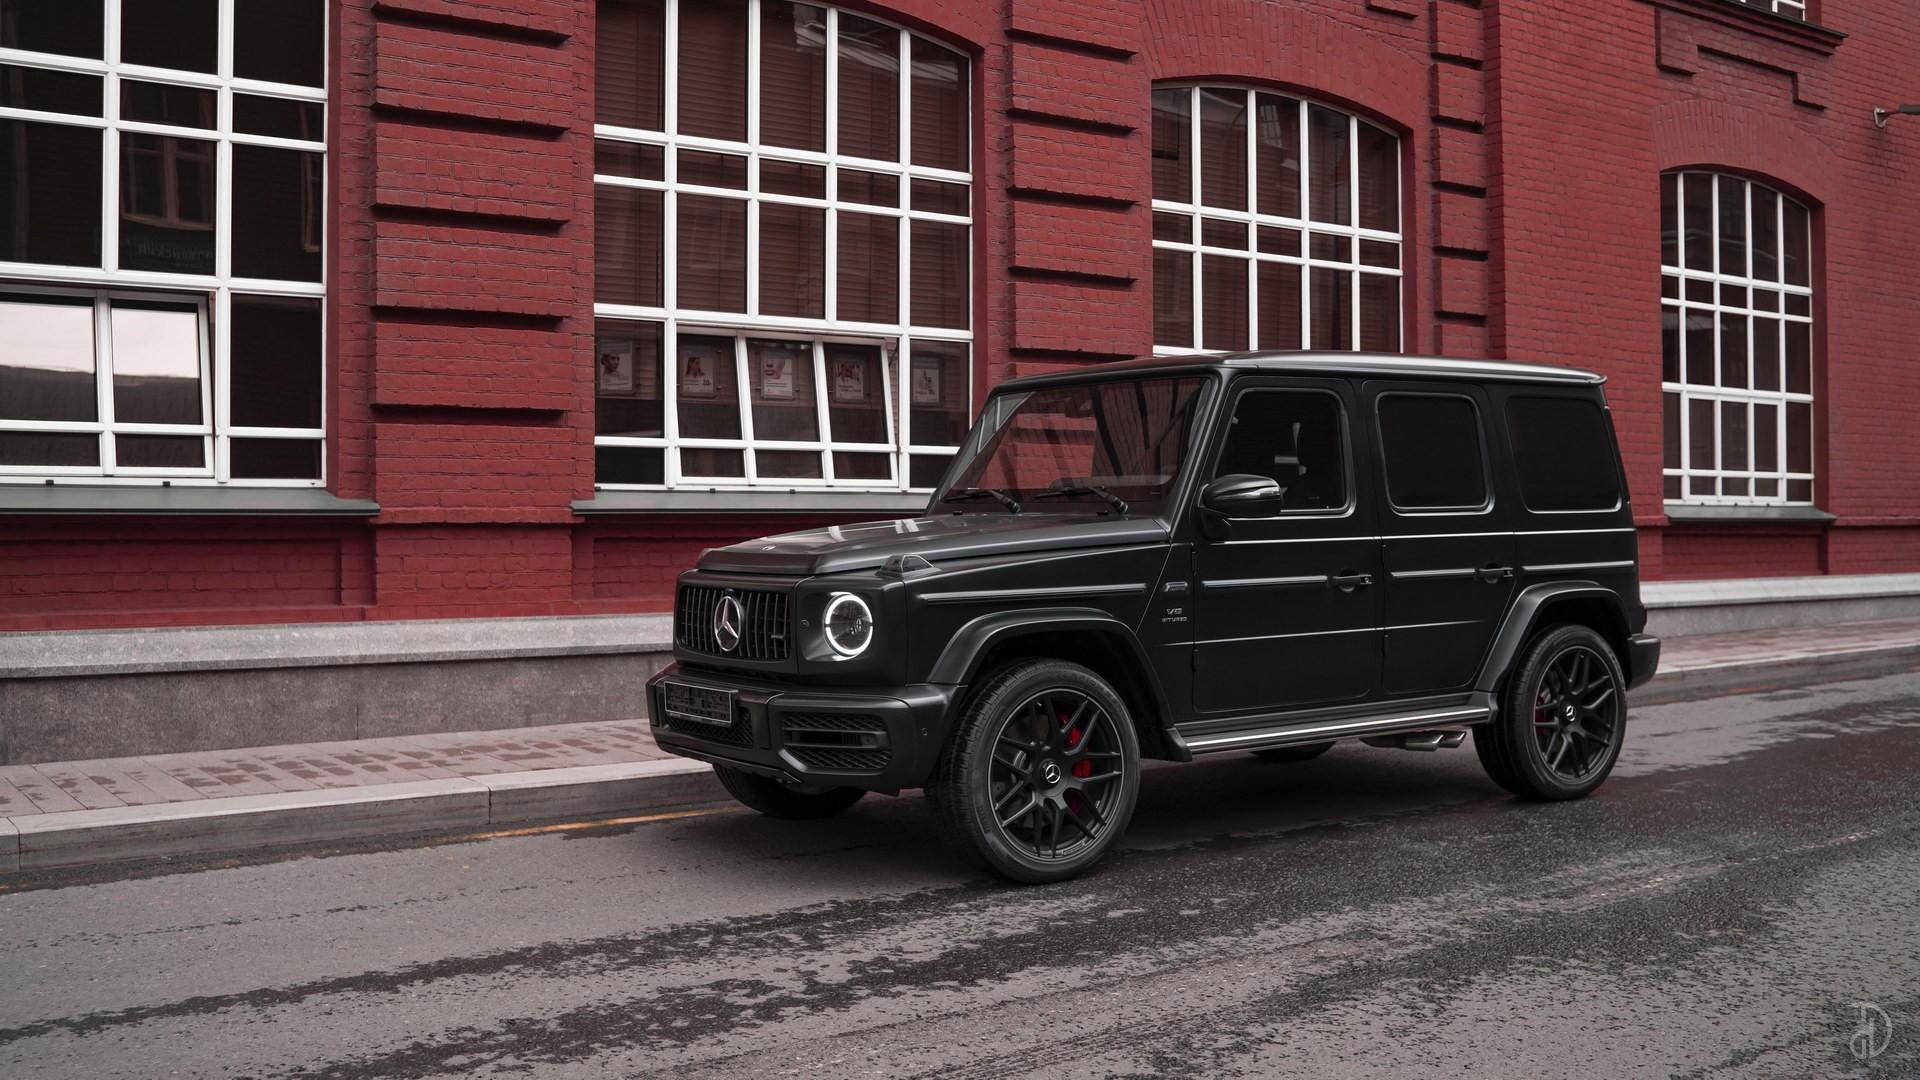 Аренда Гелендвагена Mercedes G 63 AMG 2020 в Москве. Фото 1